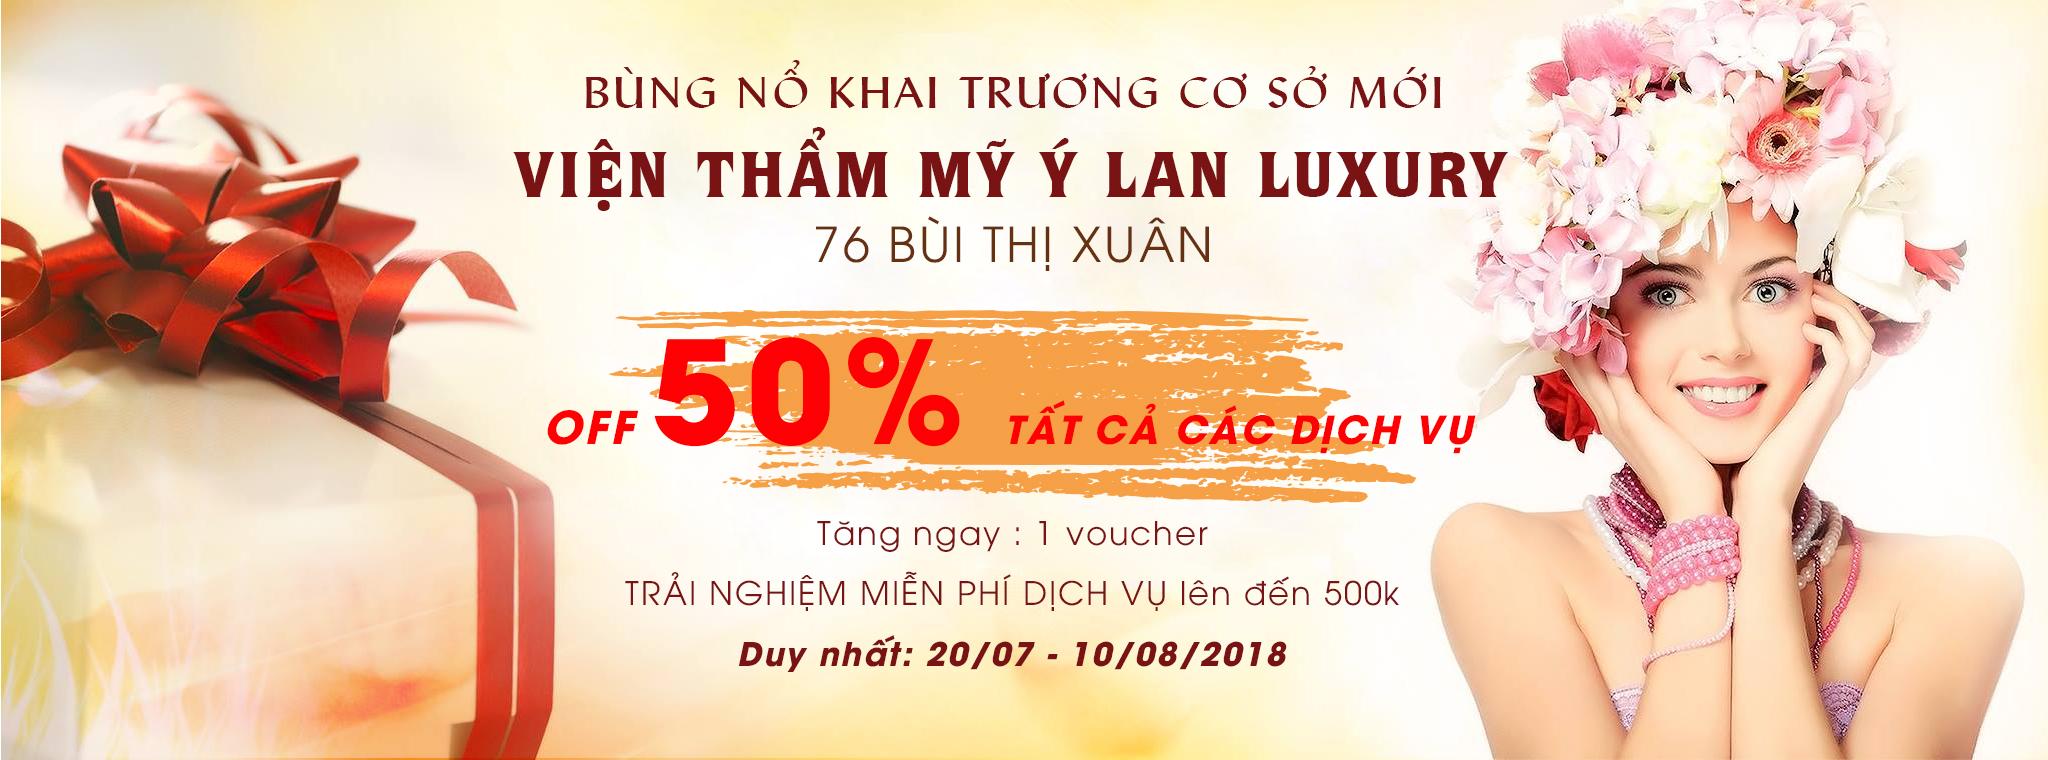 Bung_no_khuyen_mai_mung_khai_truong_co_so_2_Vien_tham_my_Y_Lan_Luxury